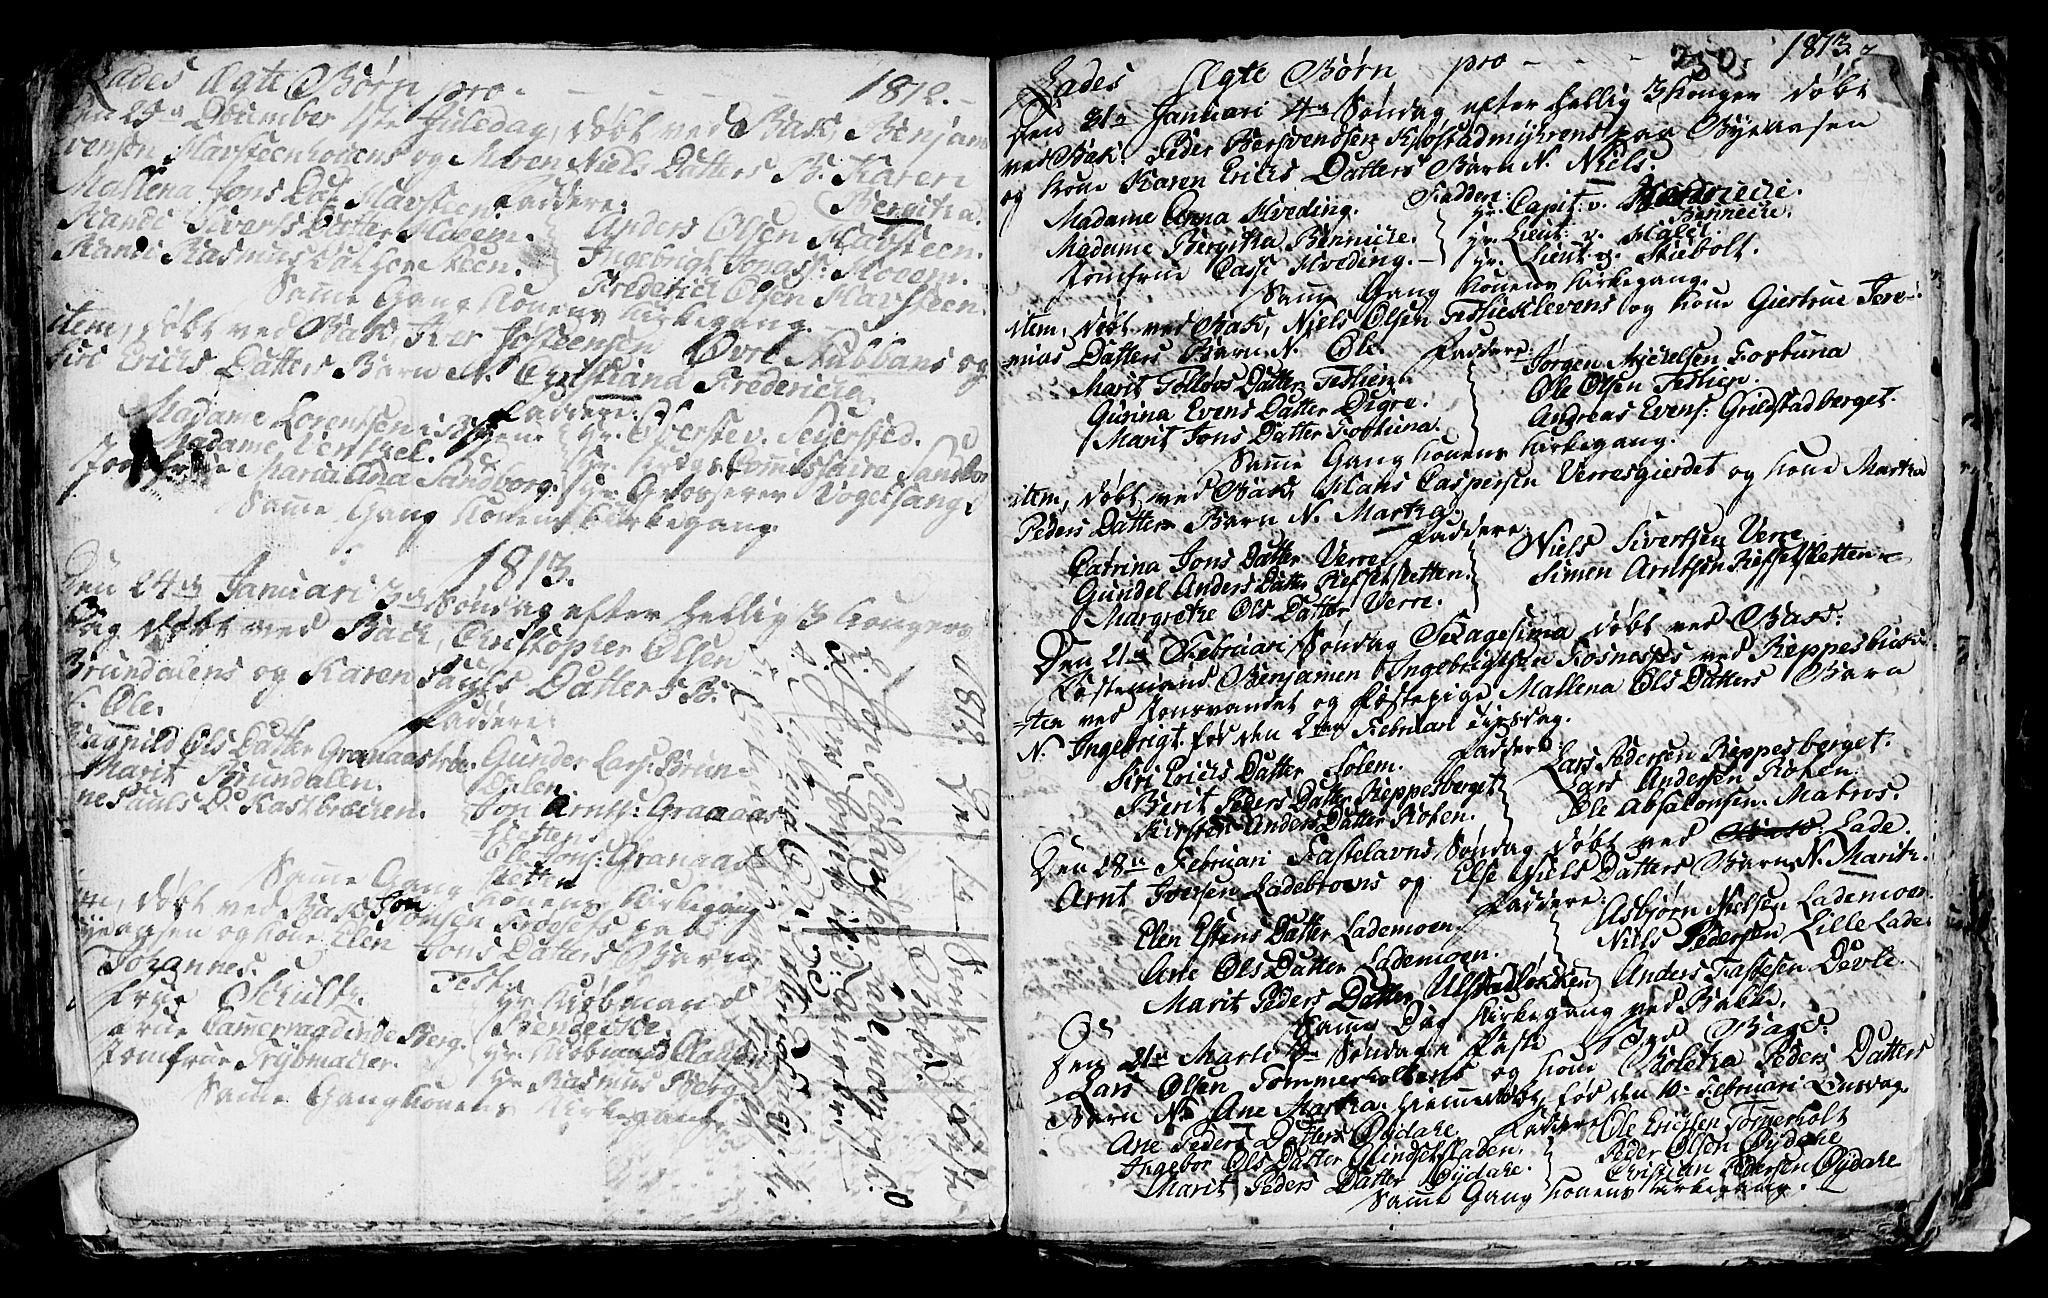 SAT, Ministerialprotokoller, klokkerbøker og fødselsregistre - Sør-Trøndelag, 606/L0305: Klokkerbok nr. 606C01, 1757-1819, s. 252